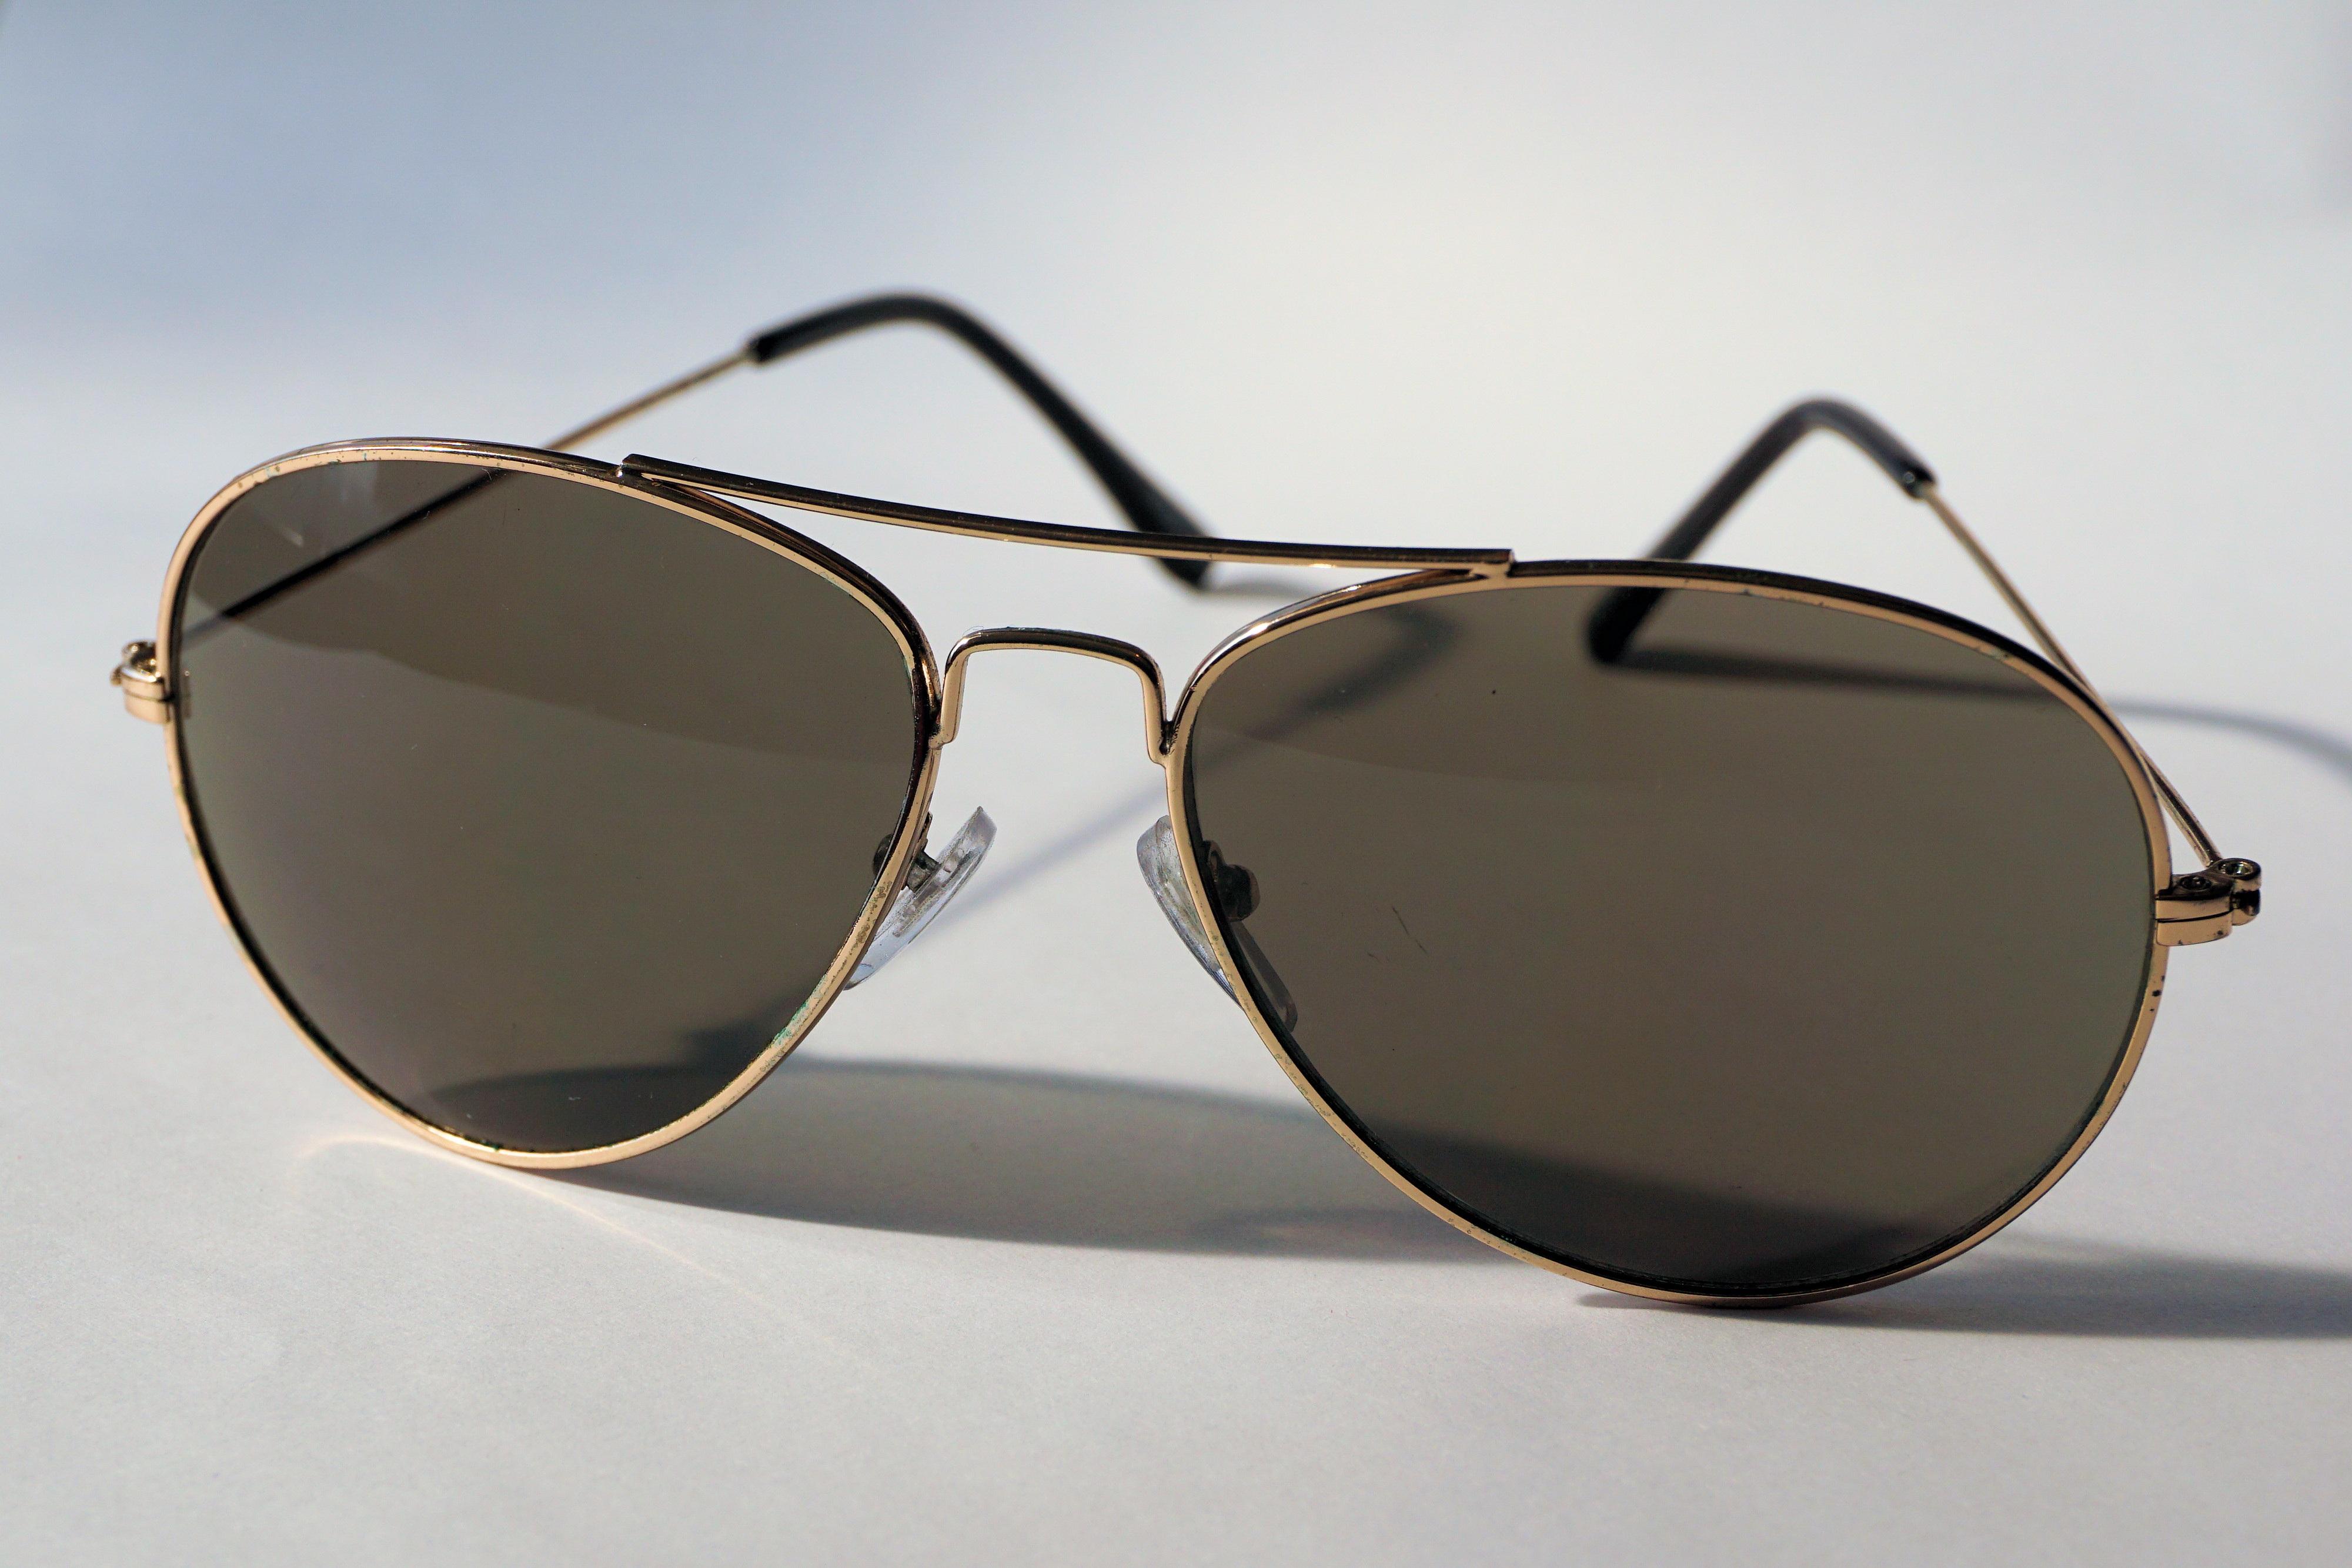 ca57748af412e dom verão Sombrio Castanho oculos de sol óculos acessórios Óculos protecção  Acessório de moda Cuidados com